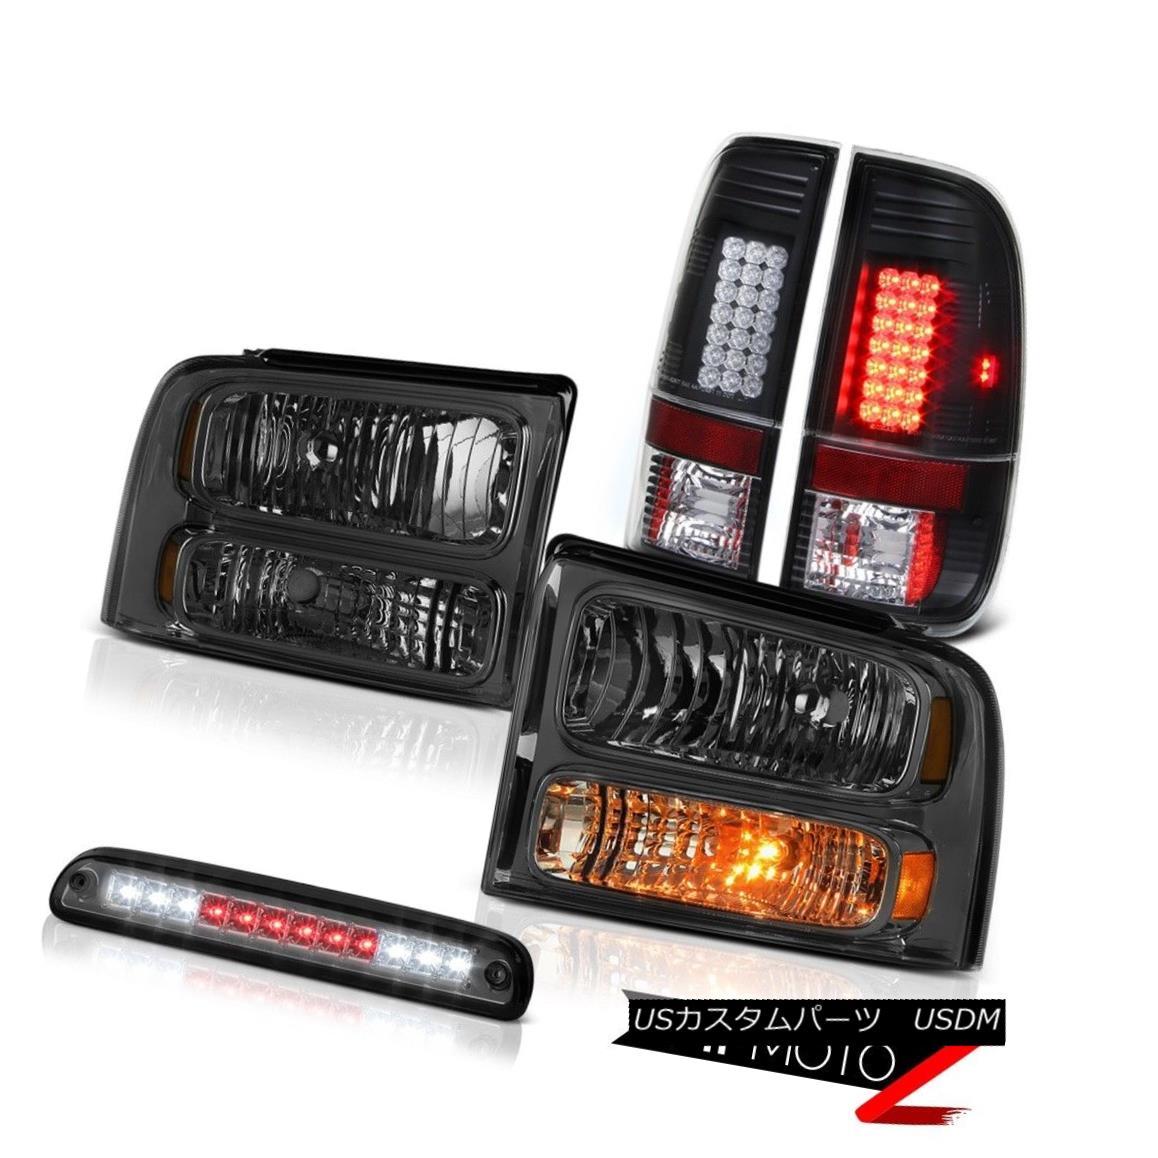 ヘッドライト 2005 2006 2007 F250 SD 5.4L Smoke Headlights Tail Lights Assembly LED High Stop 2005 2006 2007 F250 SD 5.4LスモークヘッドライトテールライトアセンブリLEDハイストップ